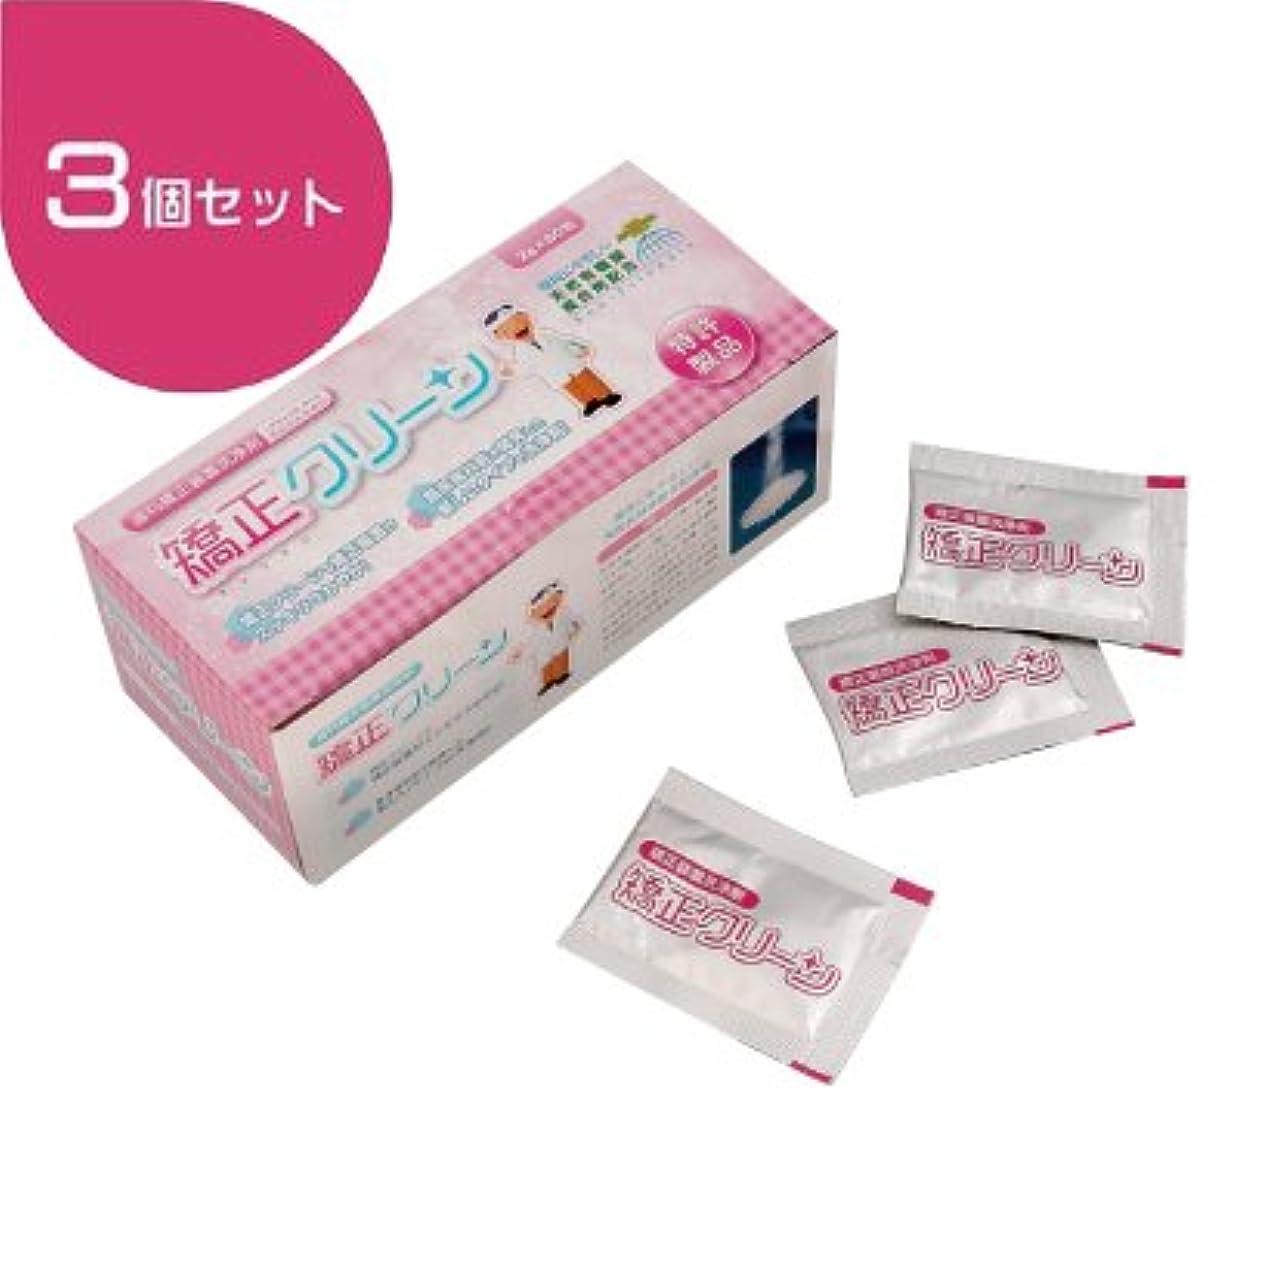 会話一瞬なかなか矯正クリーン 1箱(2g×60包入り) × 3個 歯科矯正装置用洗浄剤